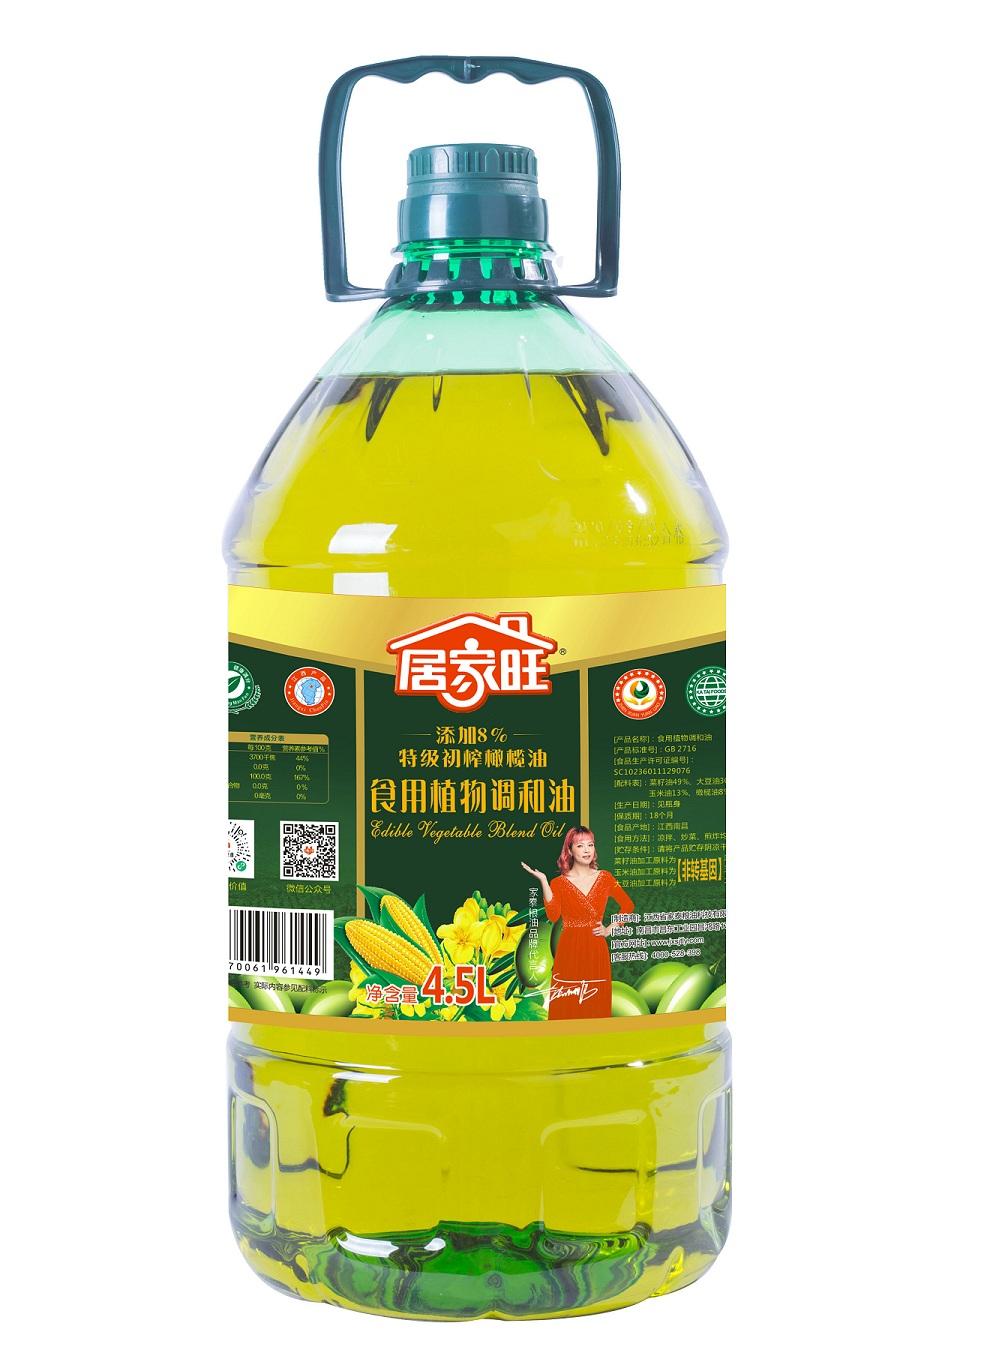 4.5升居家旺添加8%橄榄调和油